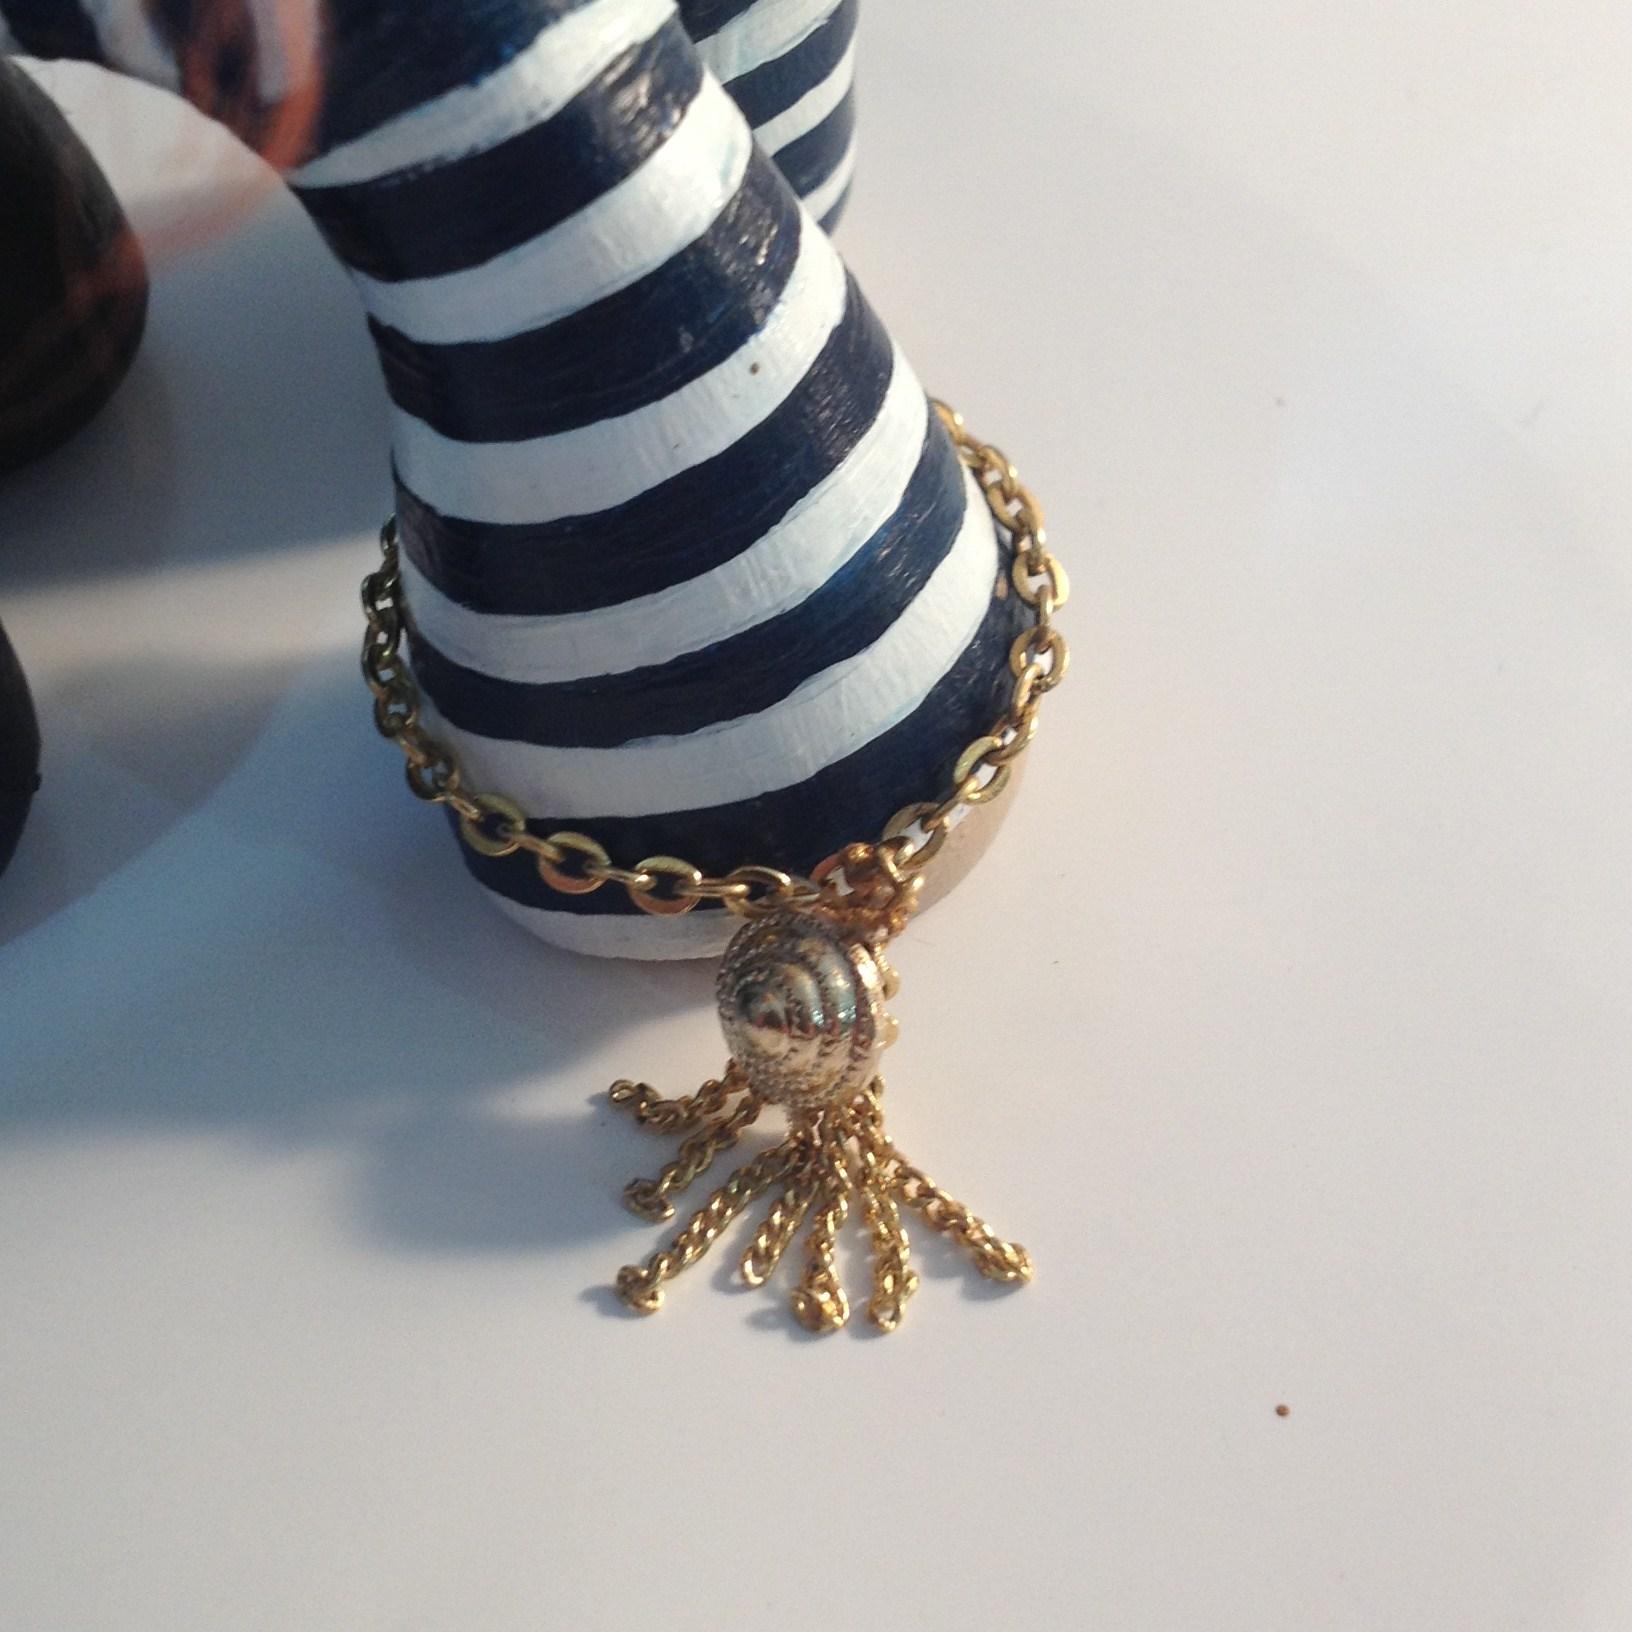 awp.braceletdetail.2.JPG